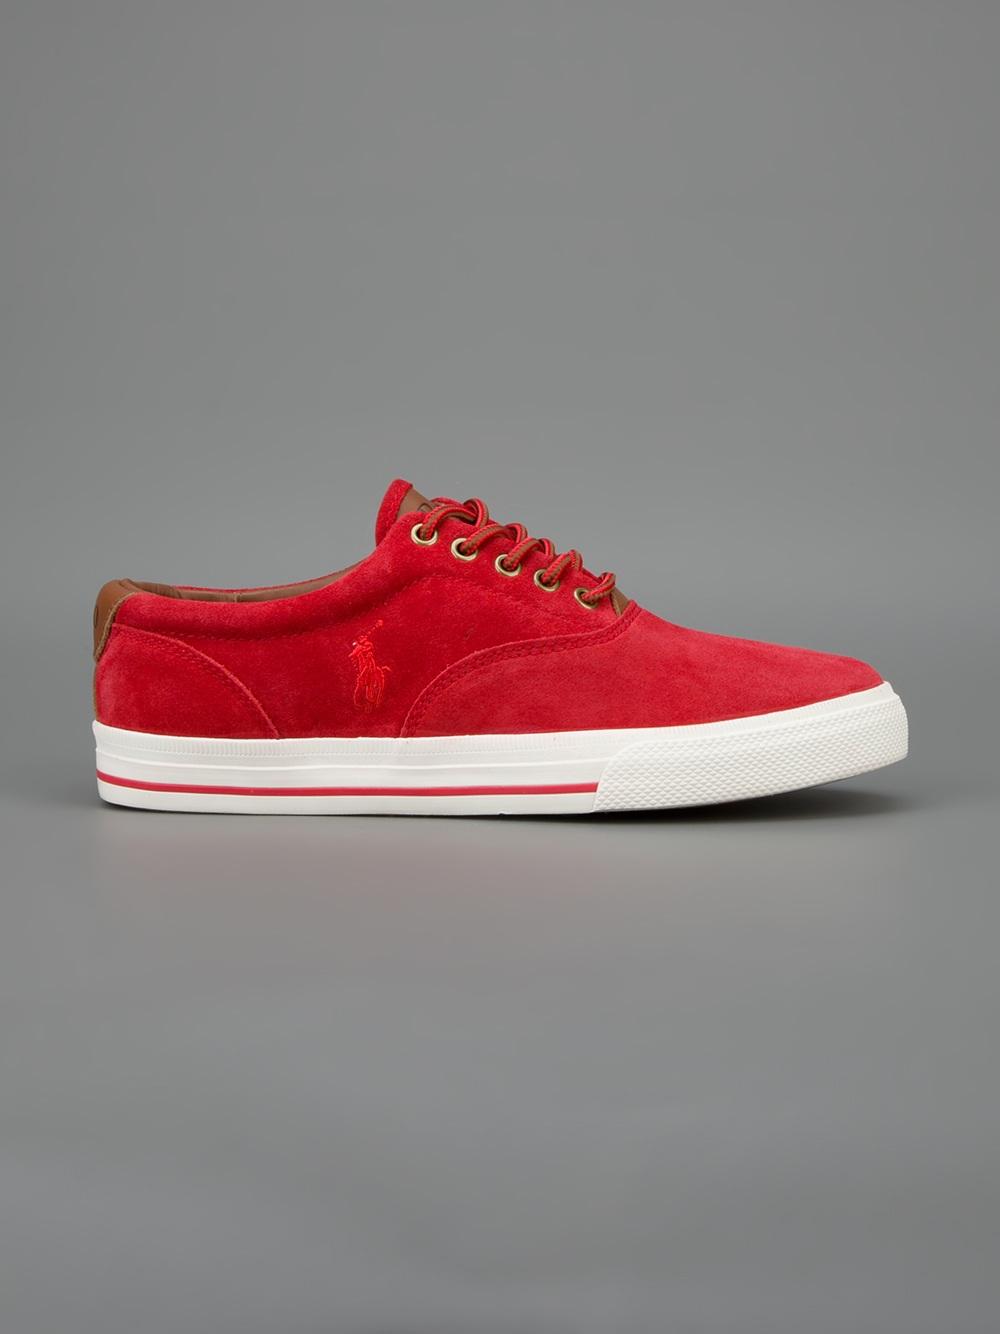 a3a036a6a600 Lyst - Polo Ralph Lauren Vaughn Sneaker in Red for Men